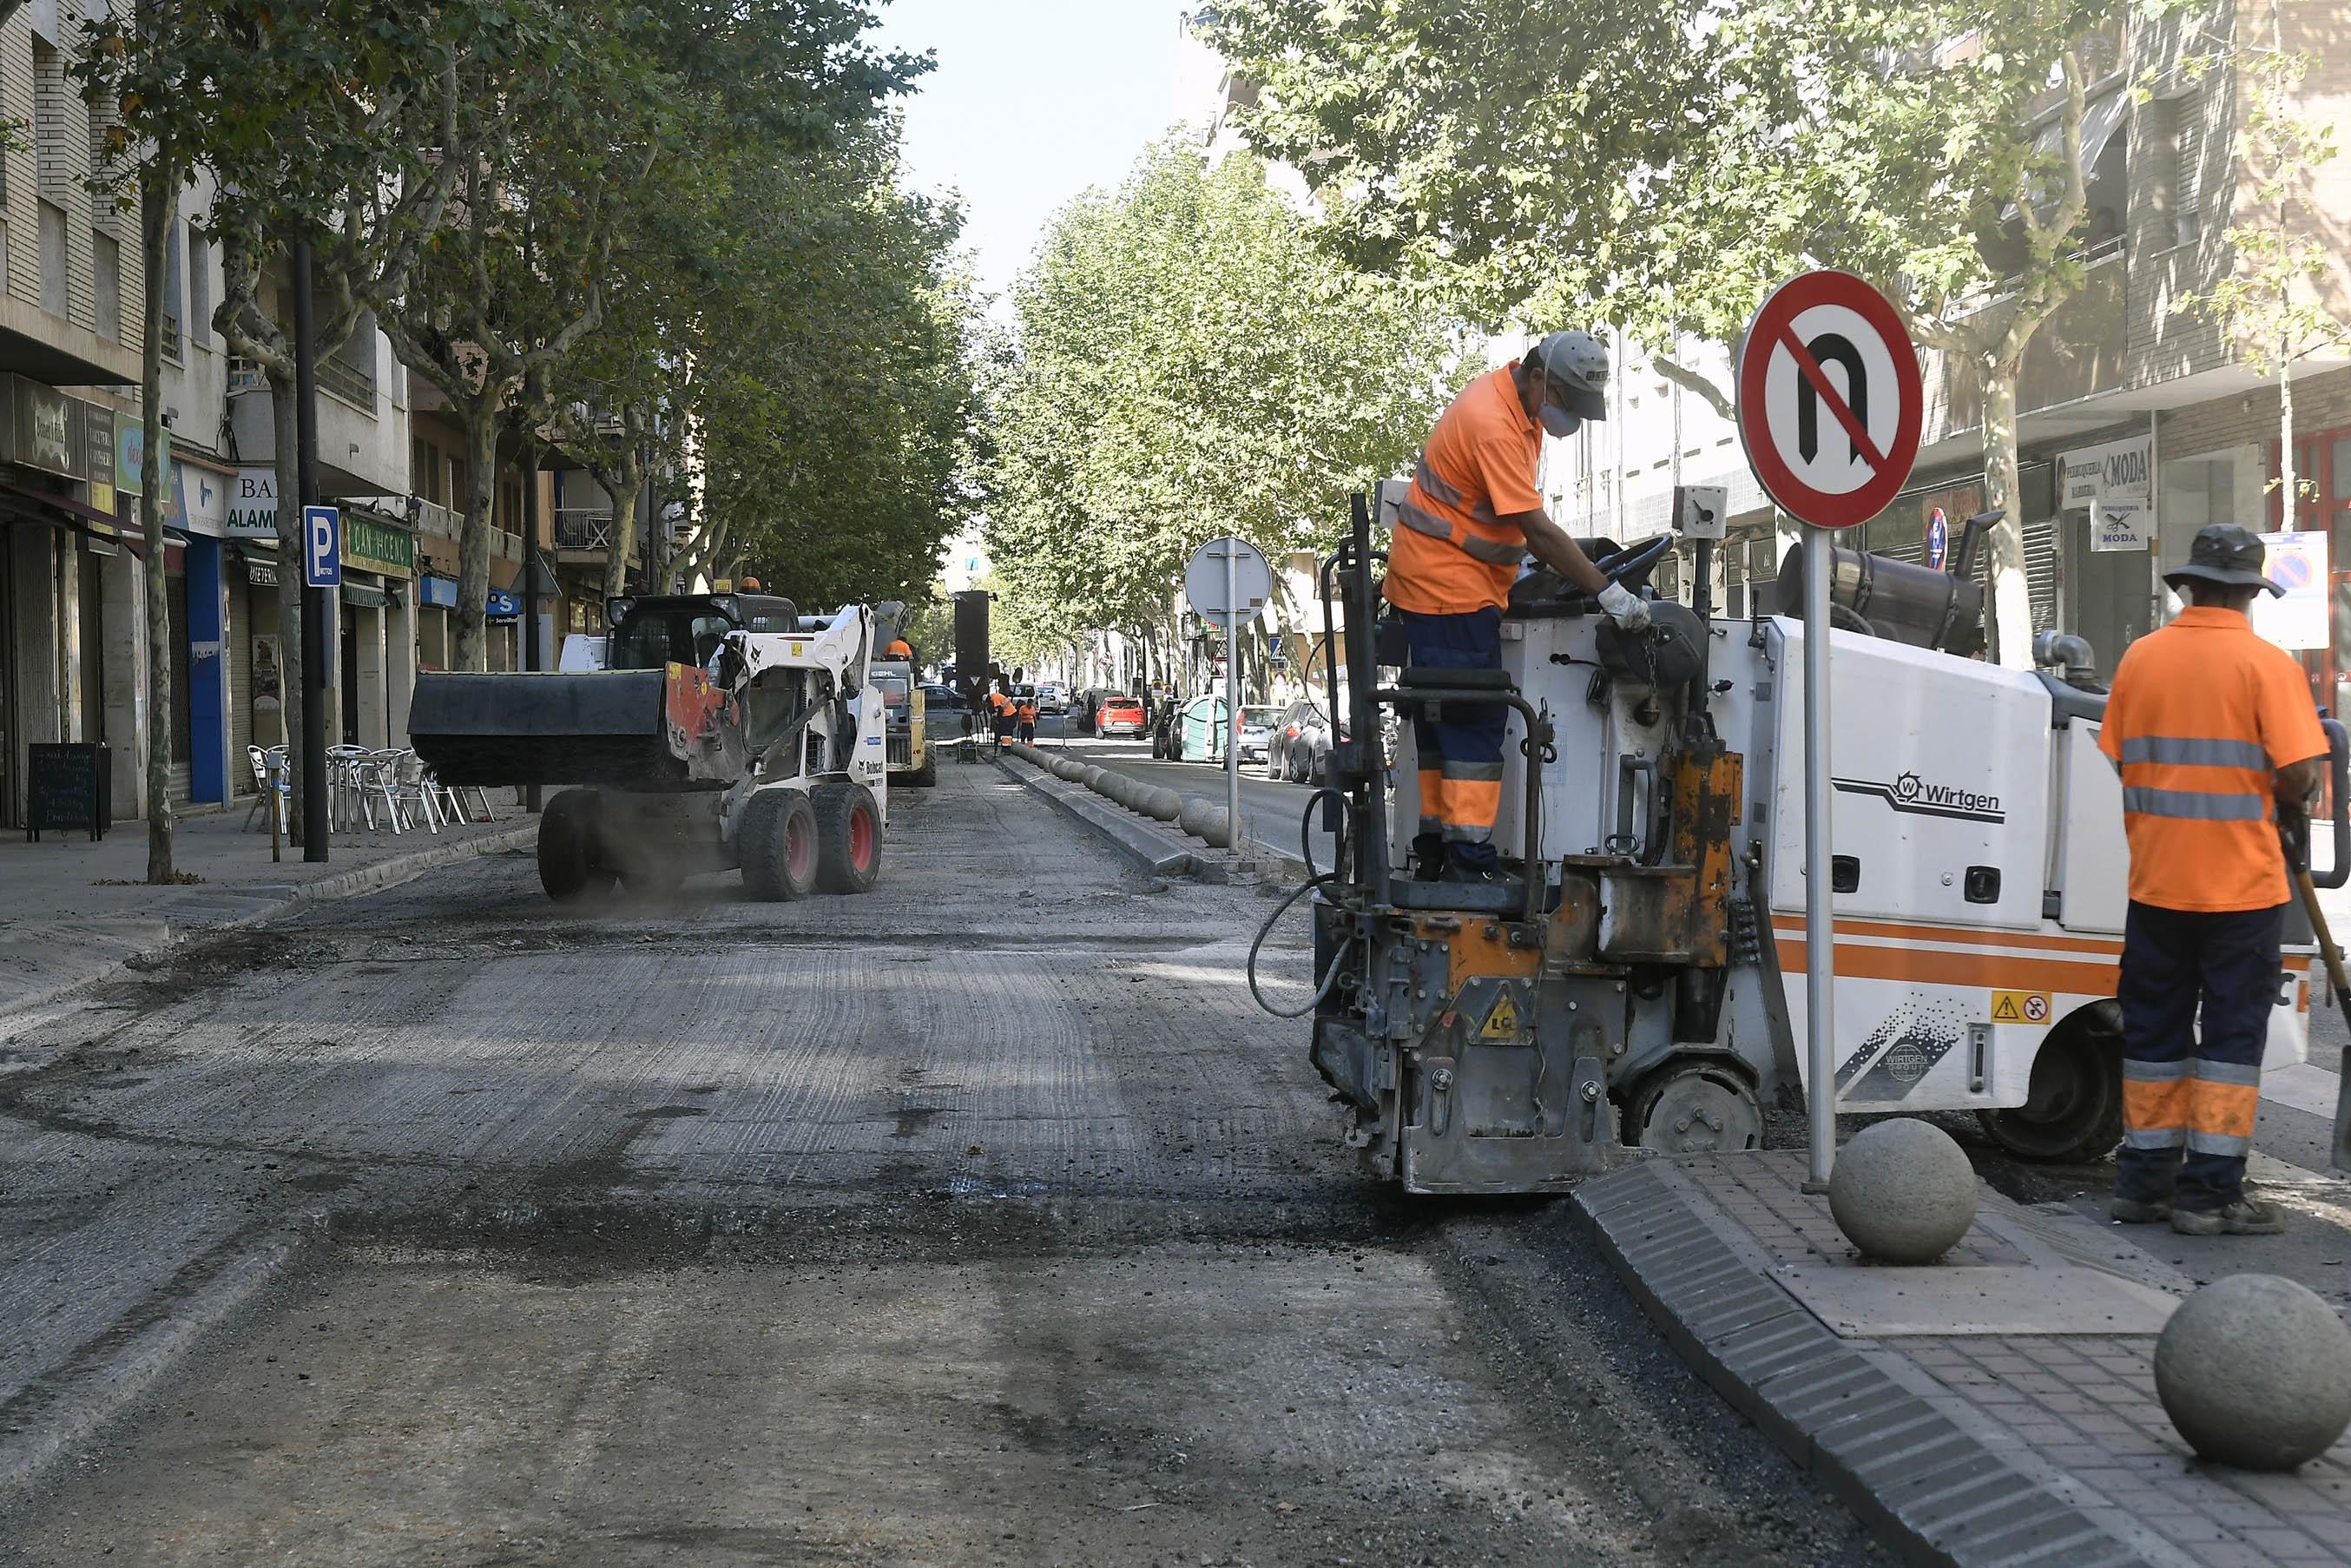 Valorar el servei Asfaltado y conservación de las calzadas (calles, avenidas…) en Reus